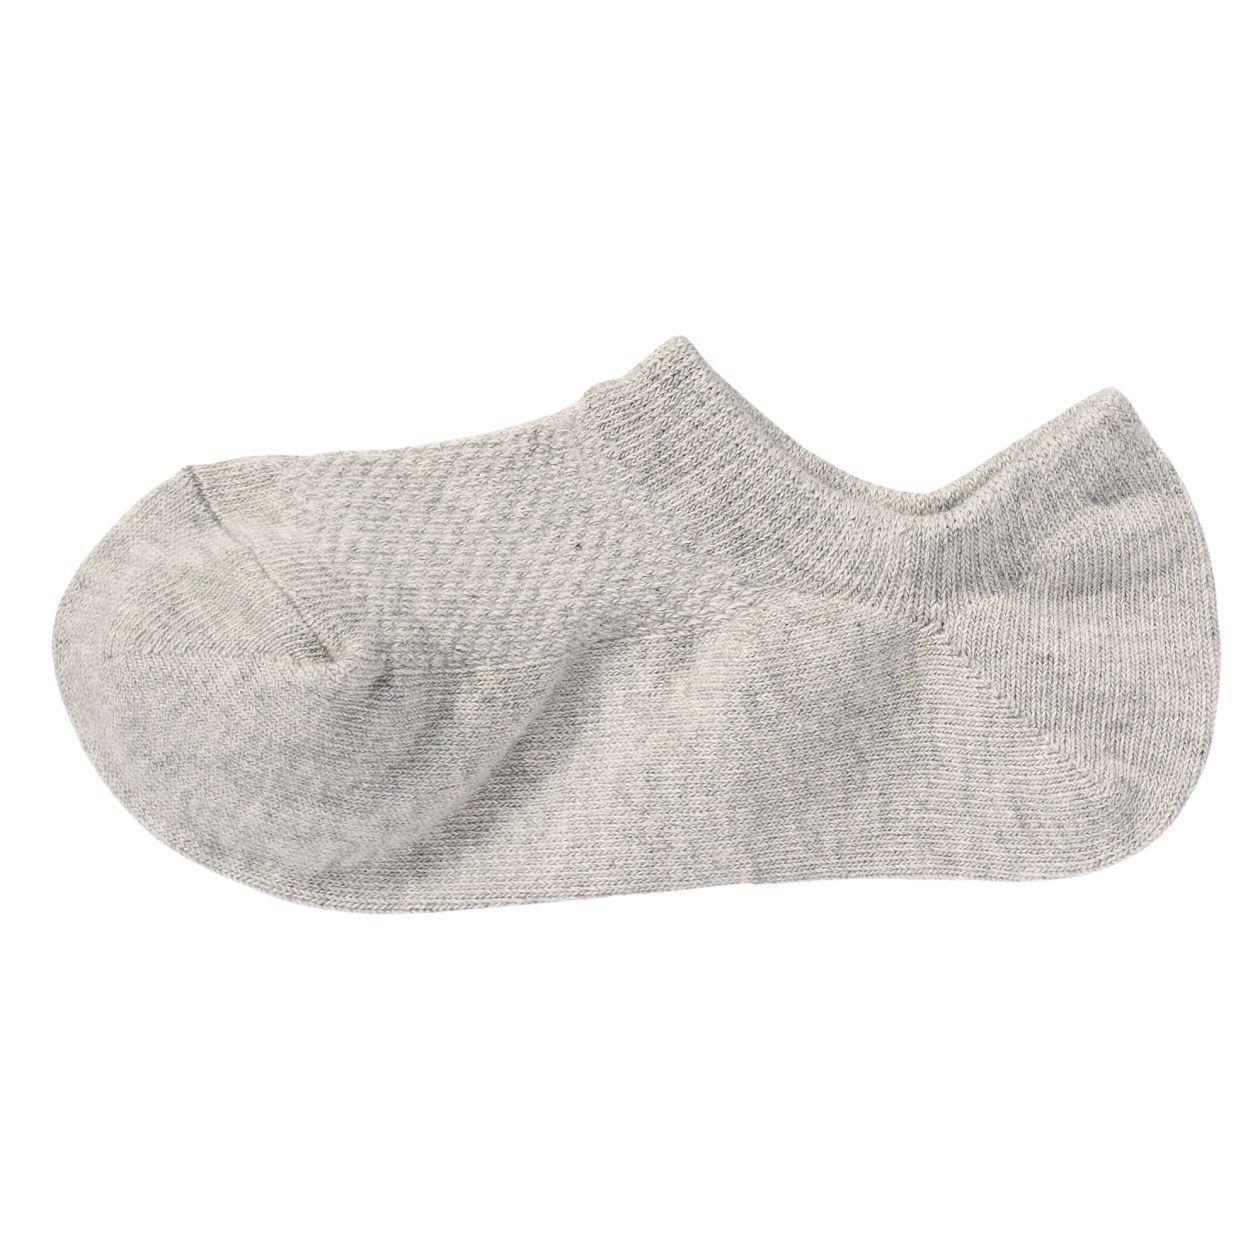 足なり直角 メッシュ編み スニーカーイン靴下(婦人・えらべる)